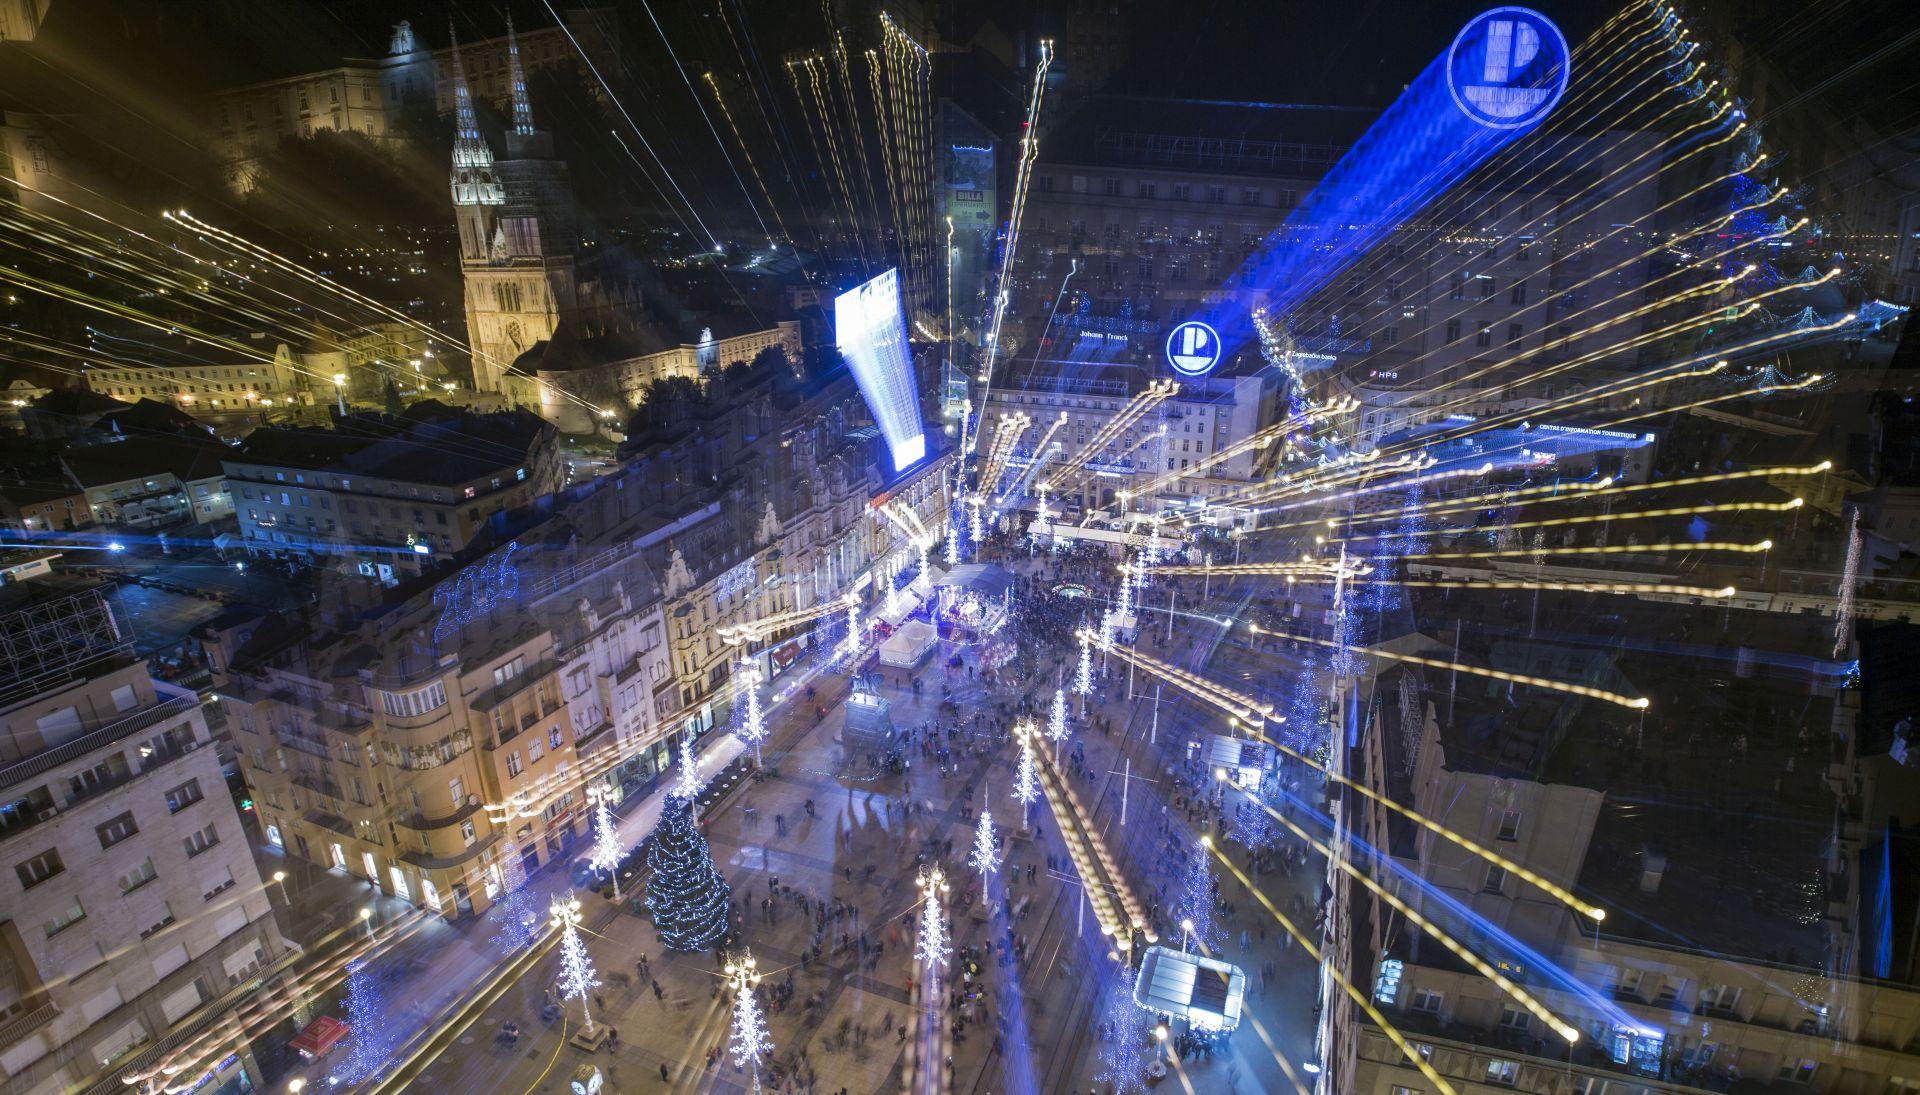 KVALITETA ISPRED KVANTITETE Predstavljen Advent u Zagrebu, start 2. prosinca